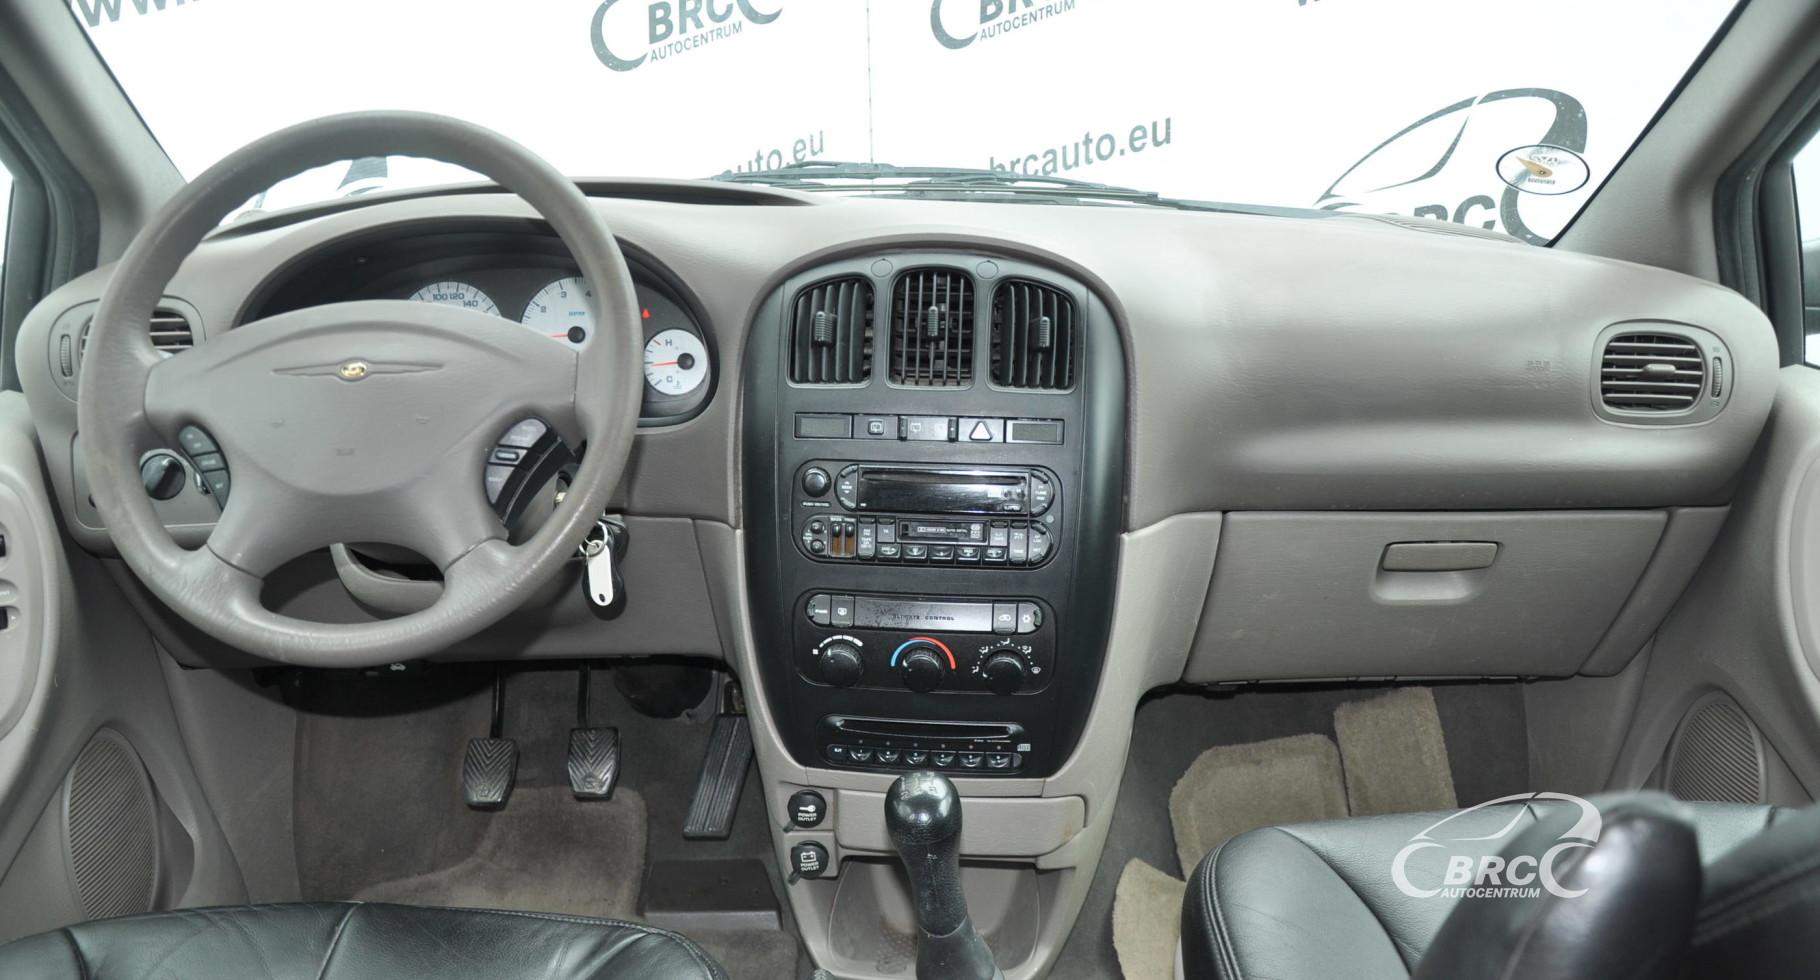 Chrysler Grand Voyager 2.4 SE CAMPER